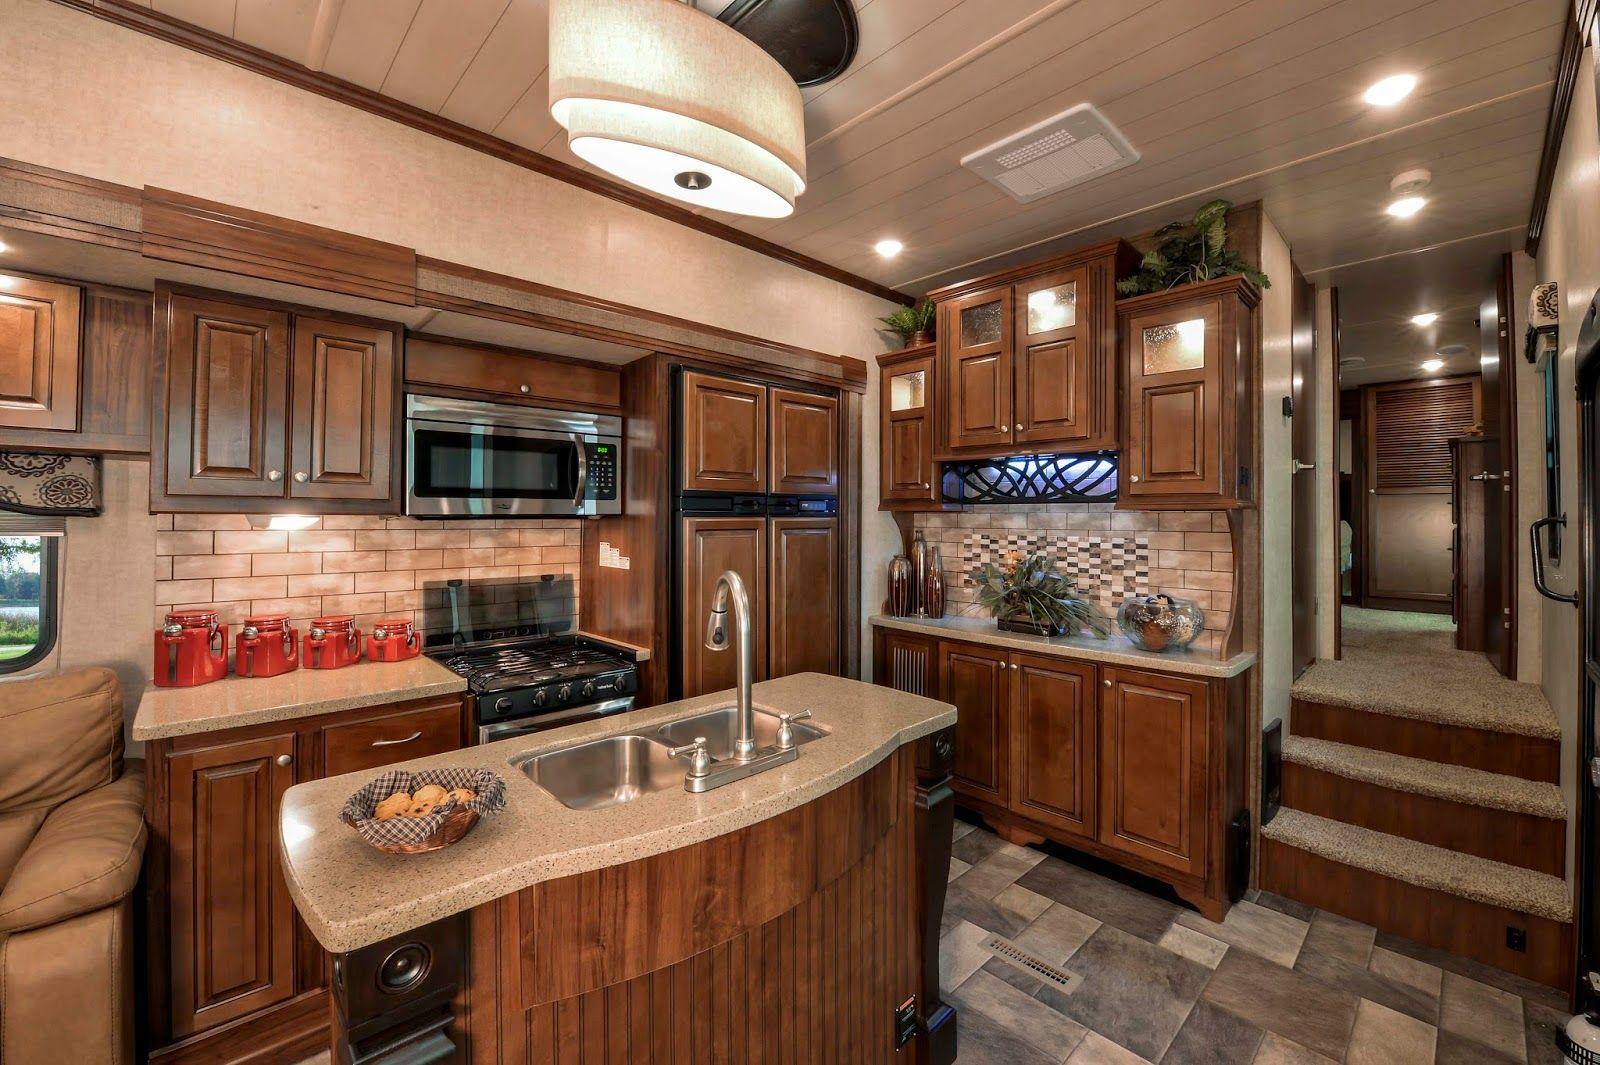 2015 interior bighorn rv - recherche google | luxury 5th wheel